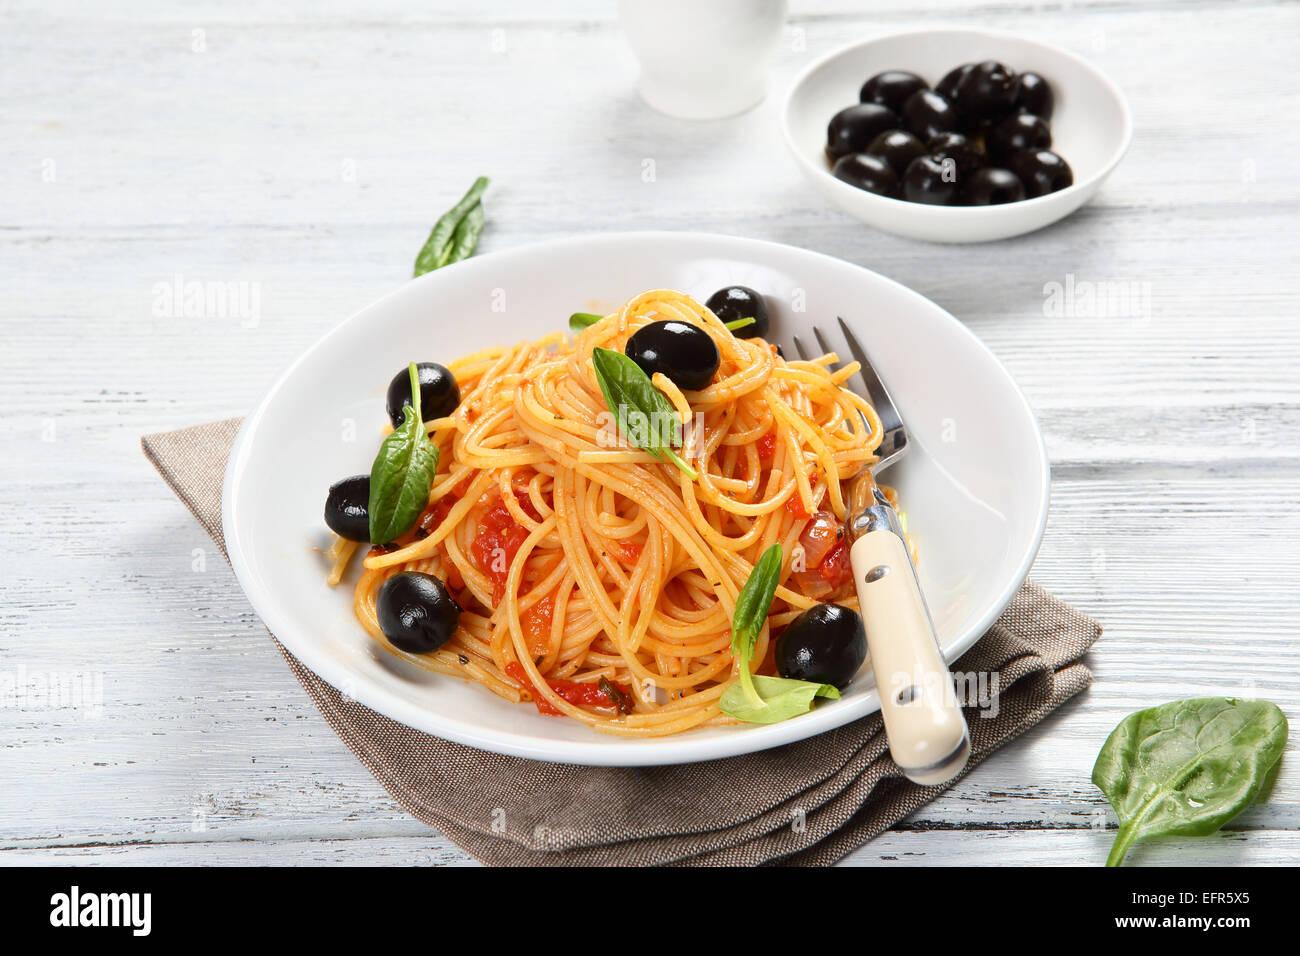 Pâtes aux olives et basilic, de l'alimentation Photo Stock